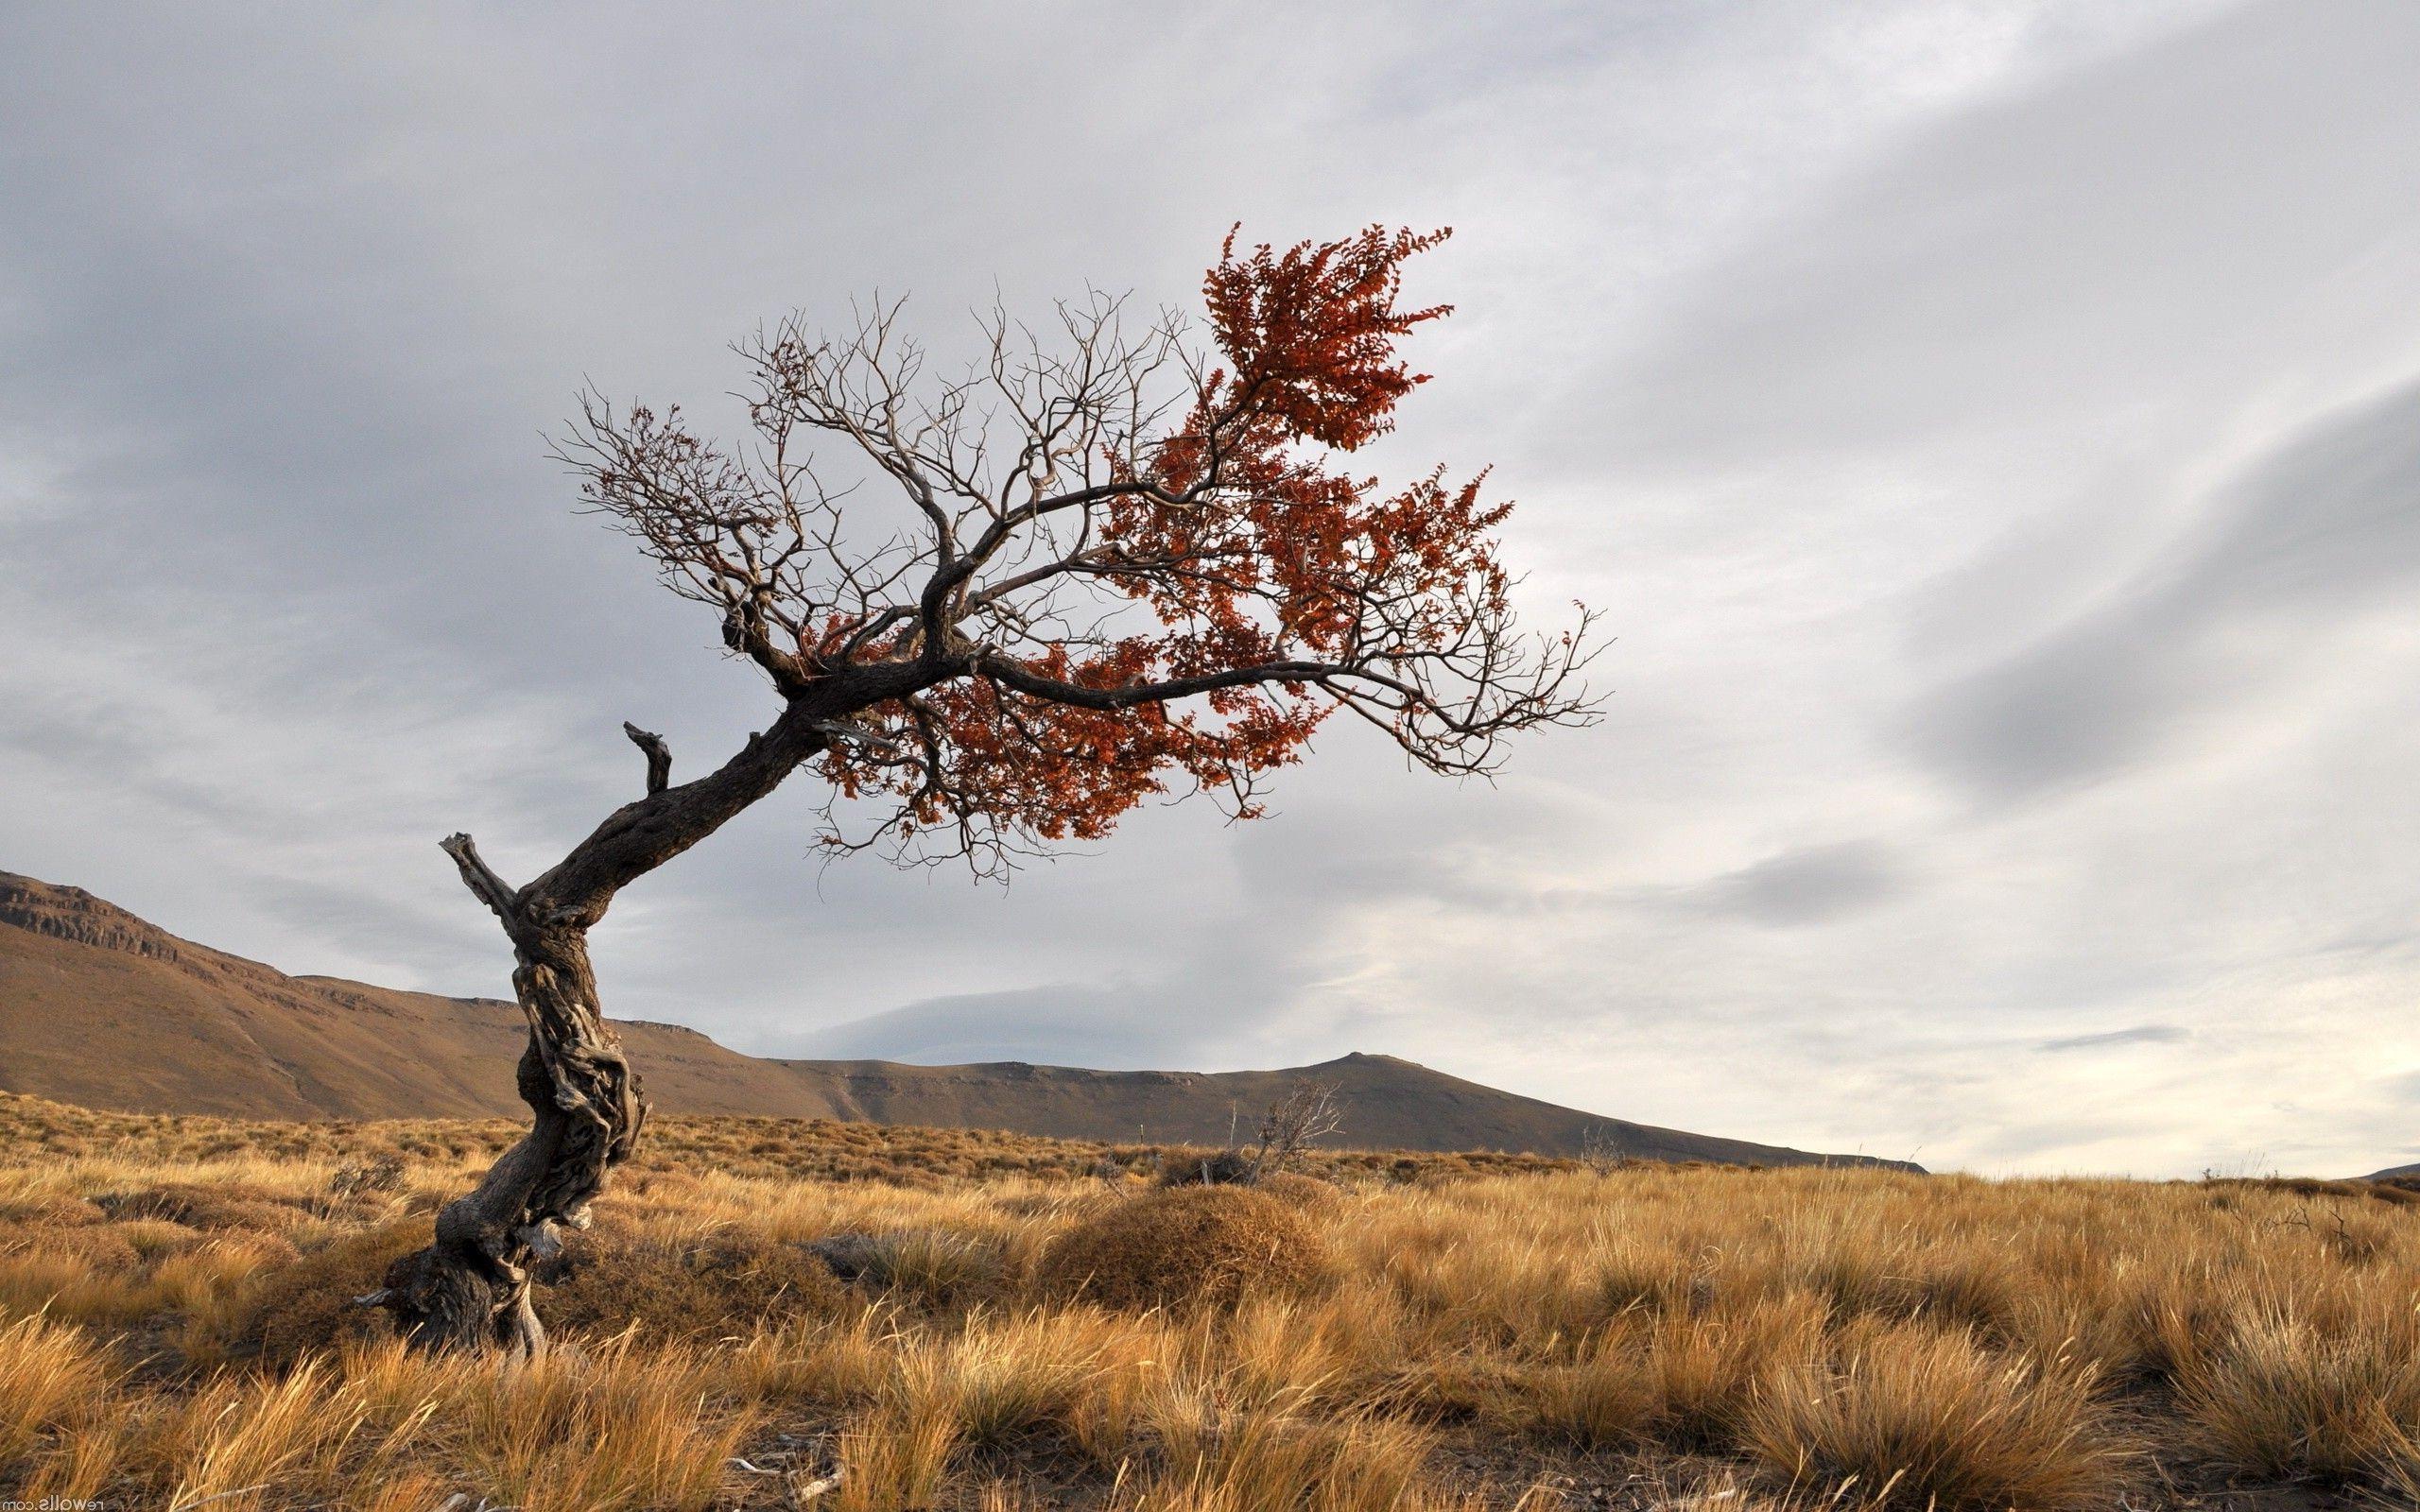 Lonely tree on the field HD desktop wallpaper : Widescreen : High ...